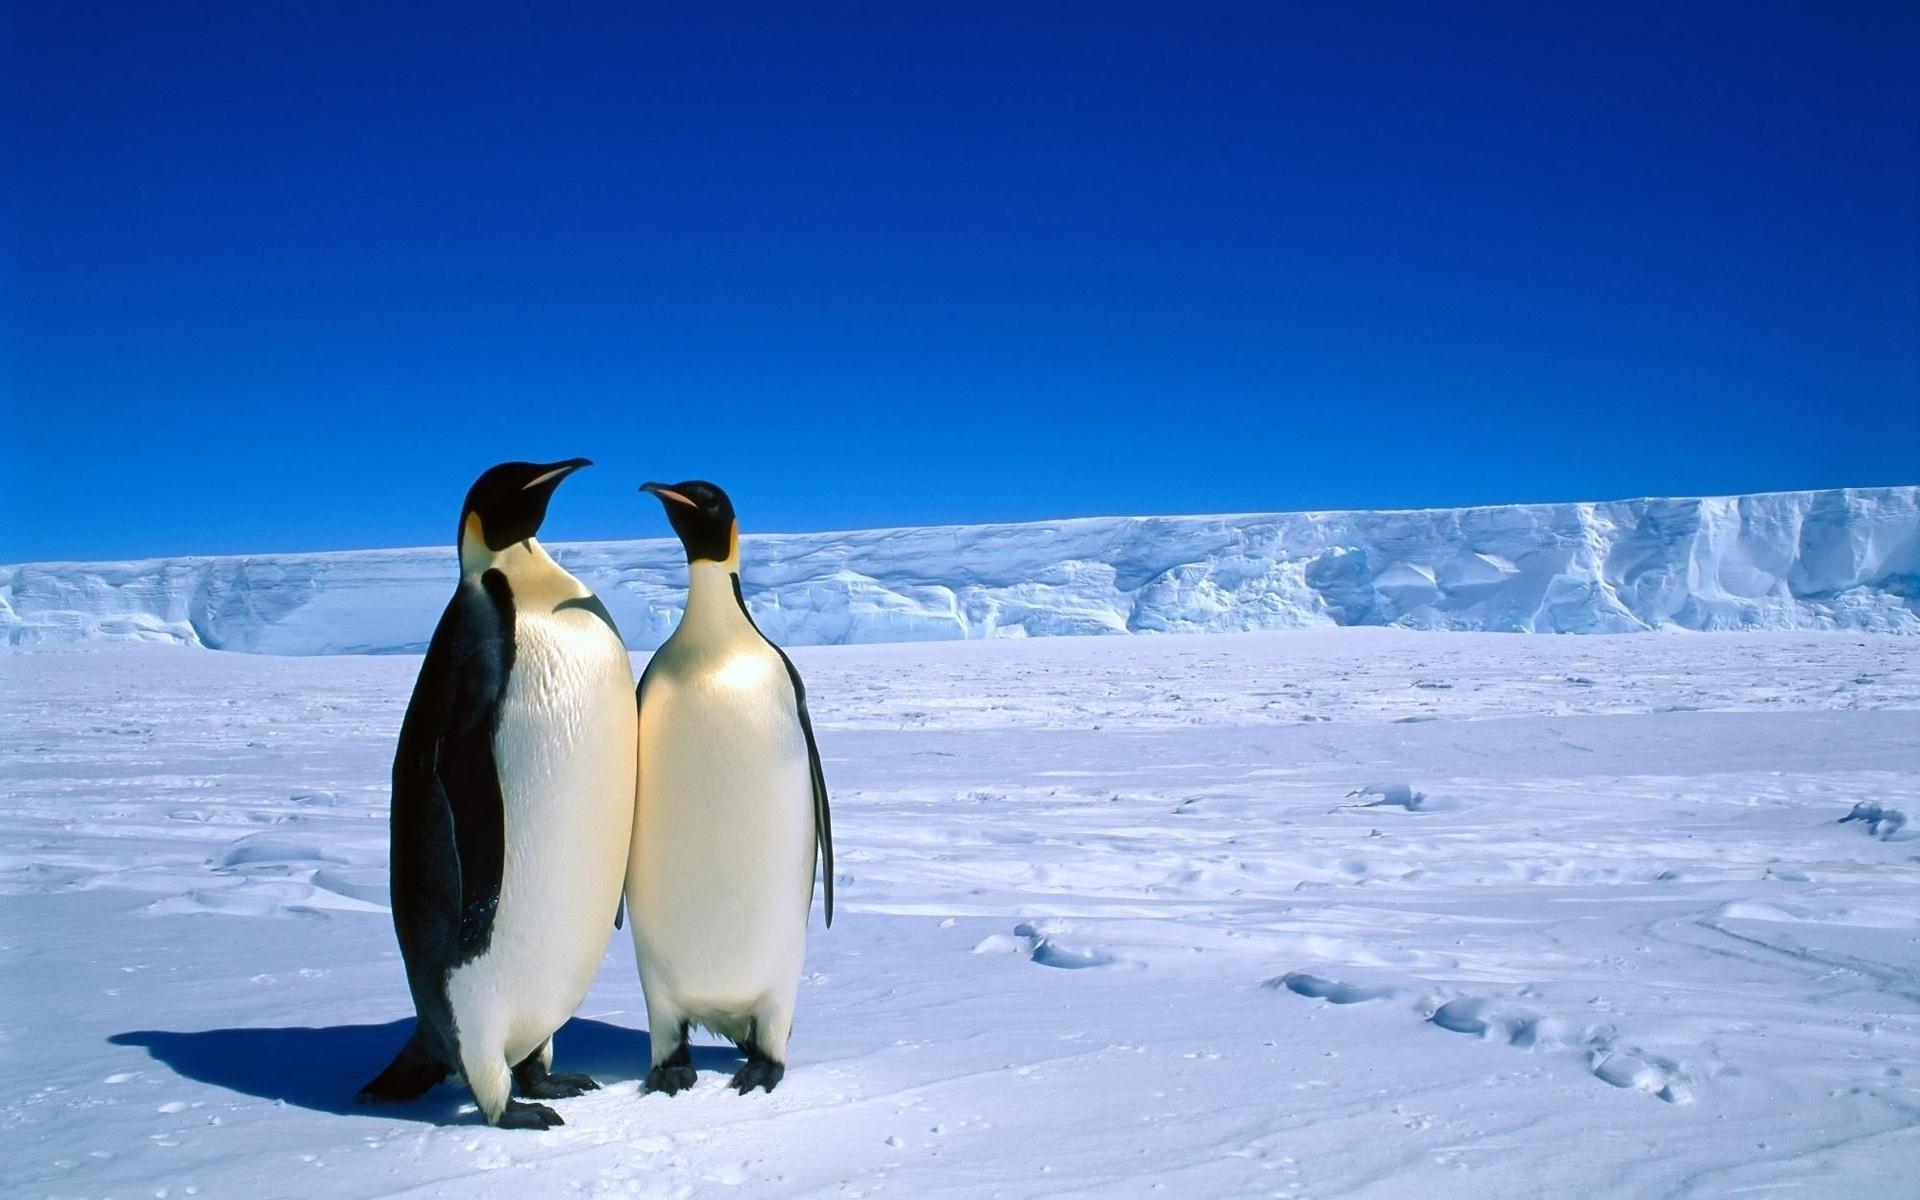 antarctica wallpaper